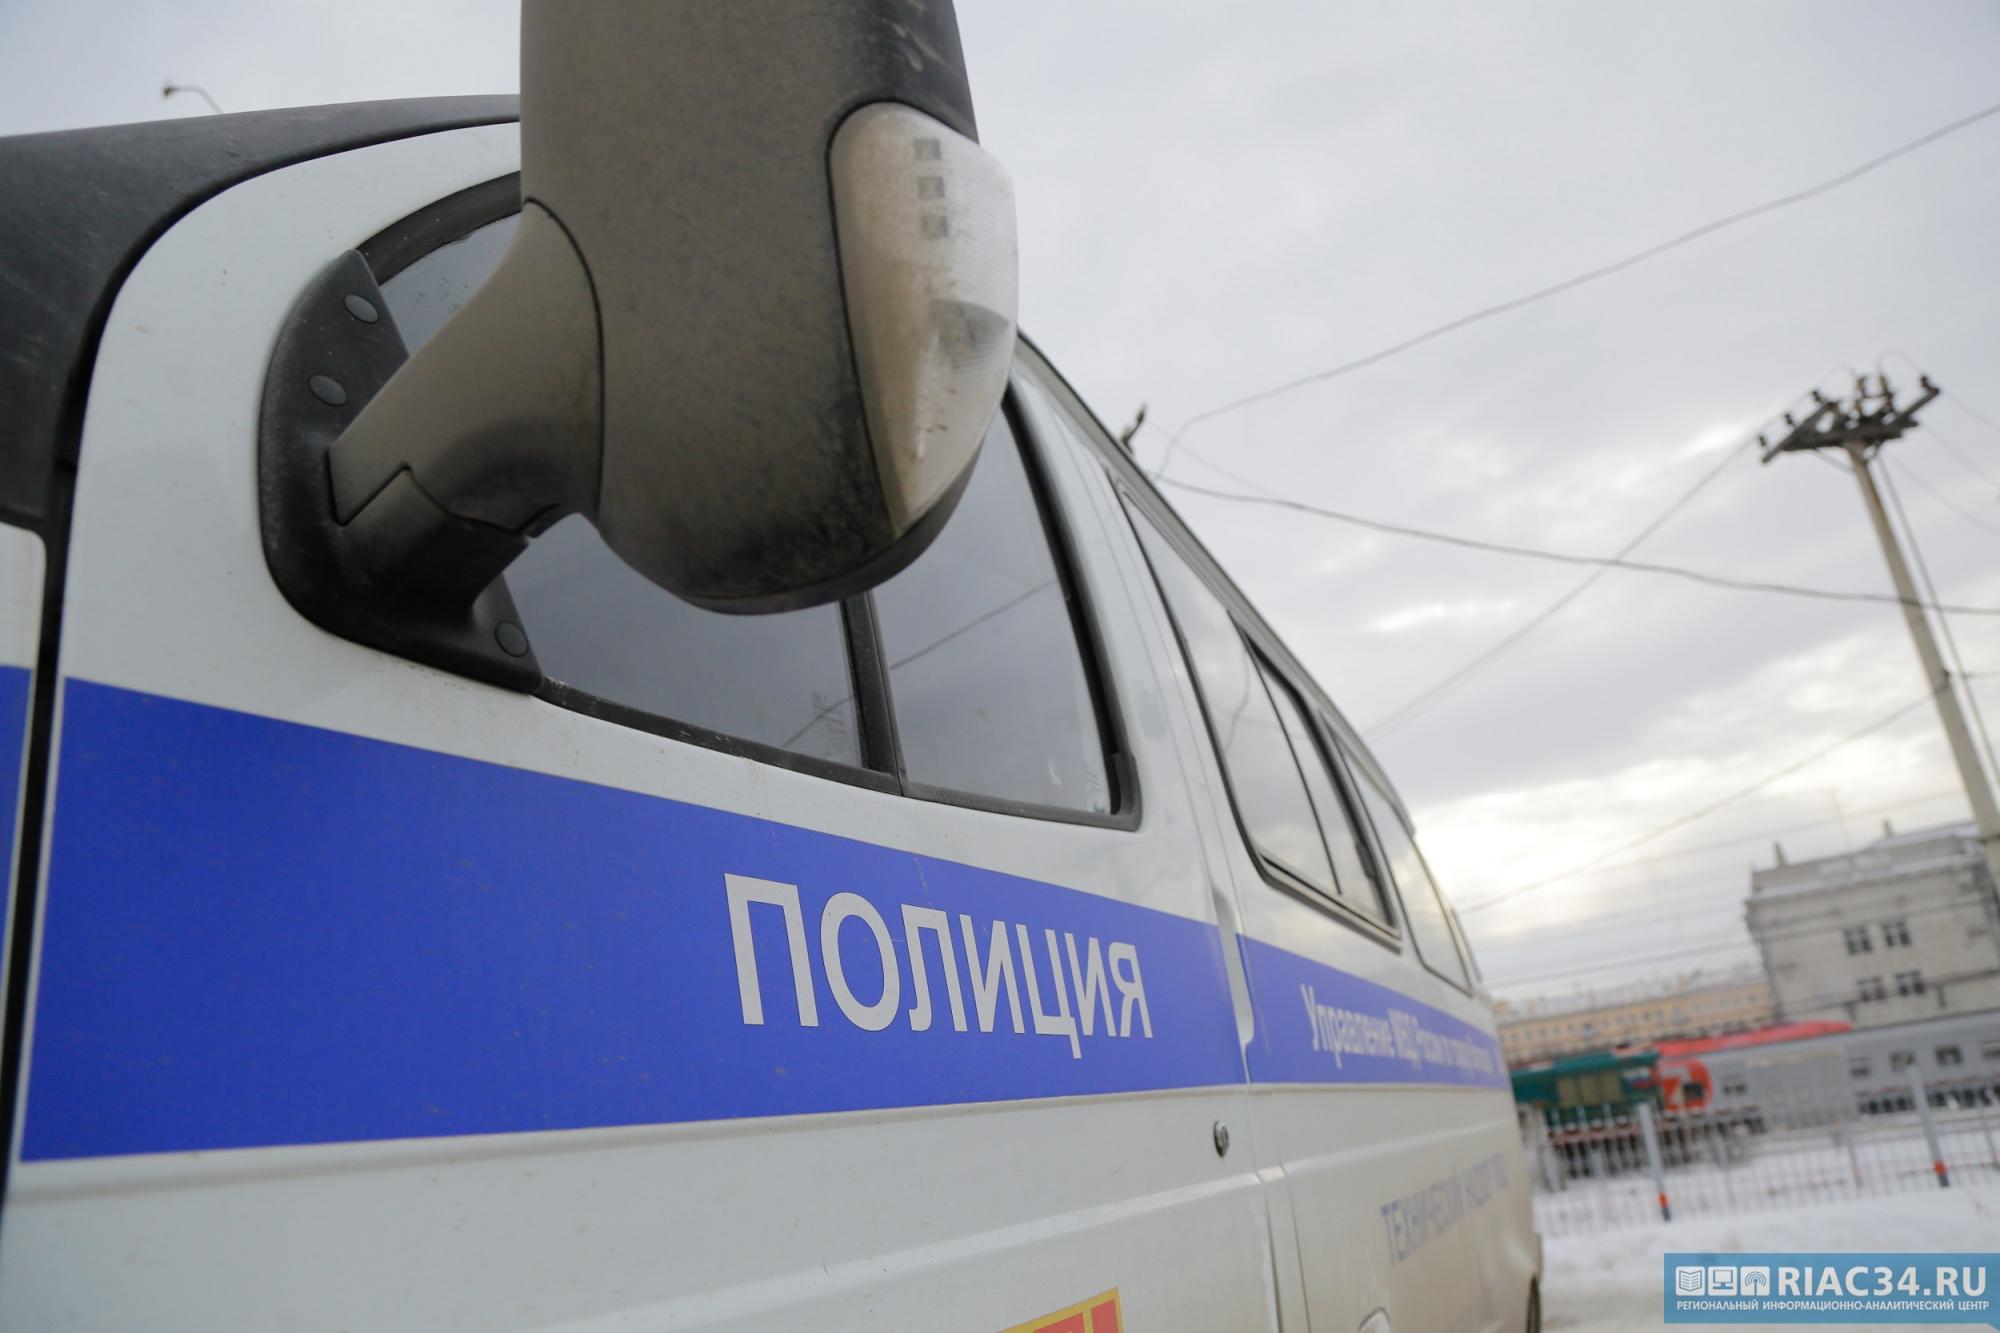 Поддельные судебные приставы похитили два автокрана у учреждения вВолгограде